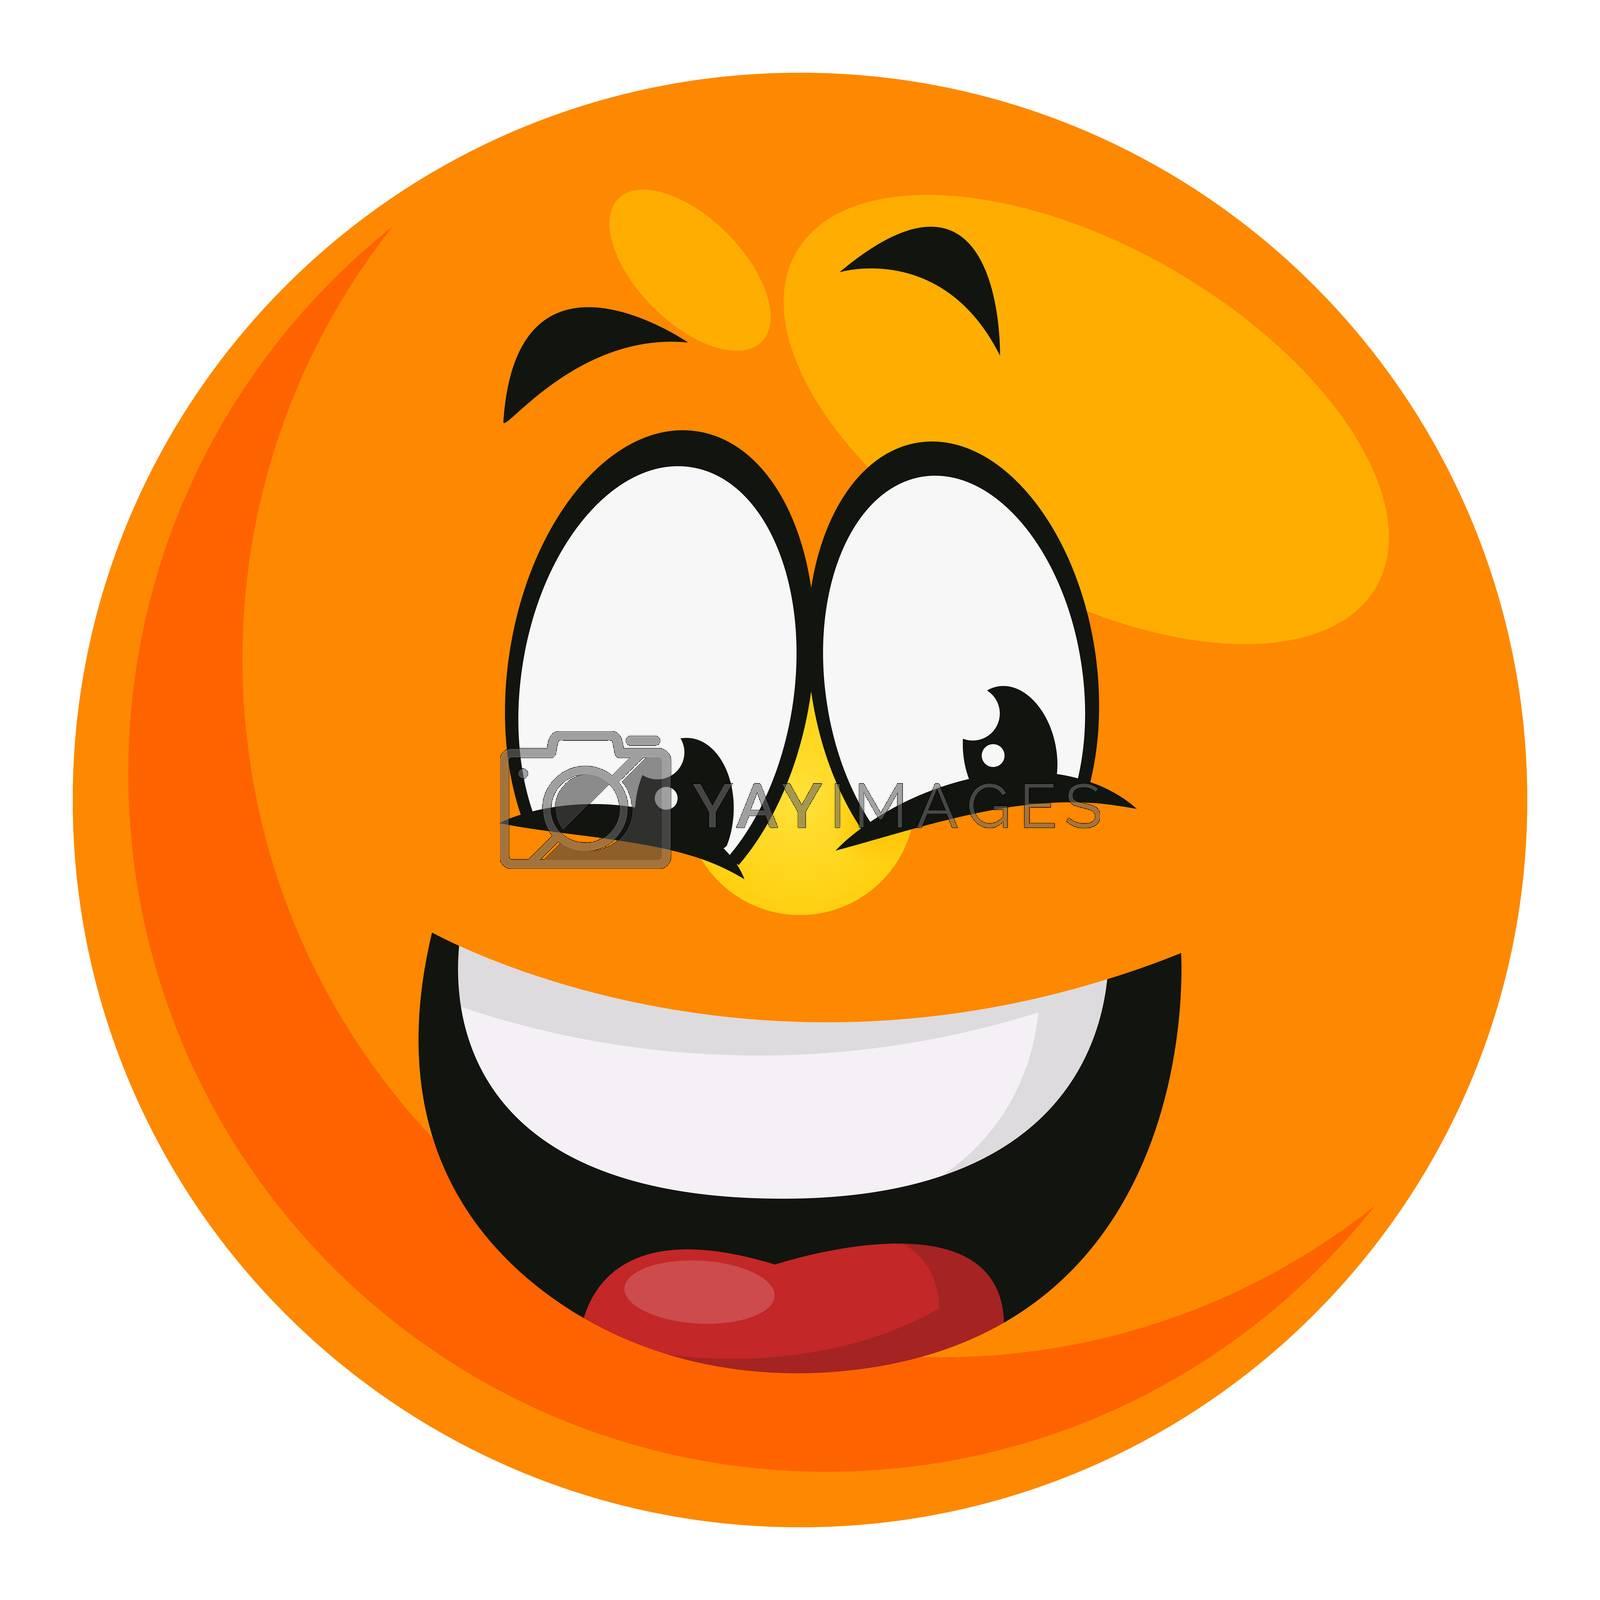 Happy emoji, illustration, vector on white background